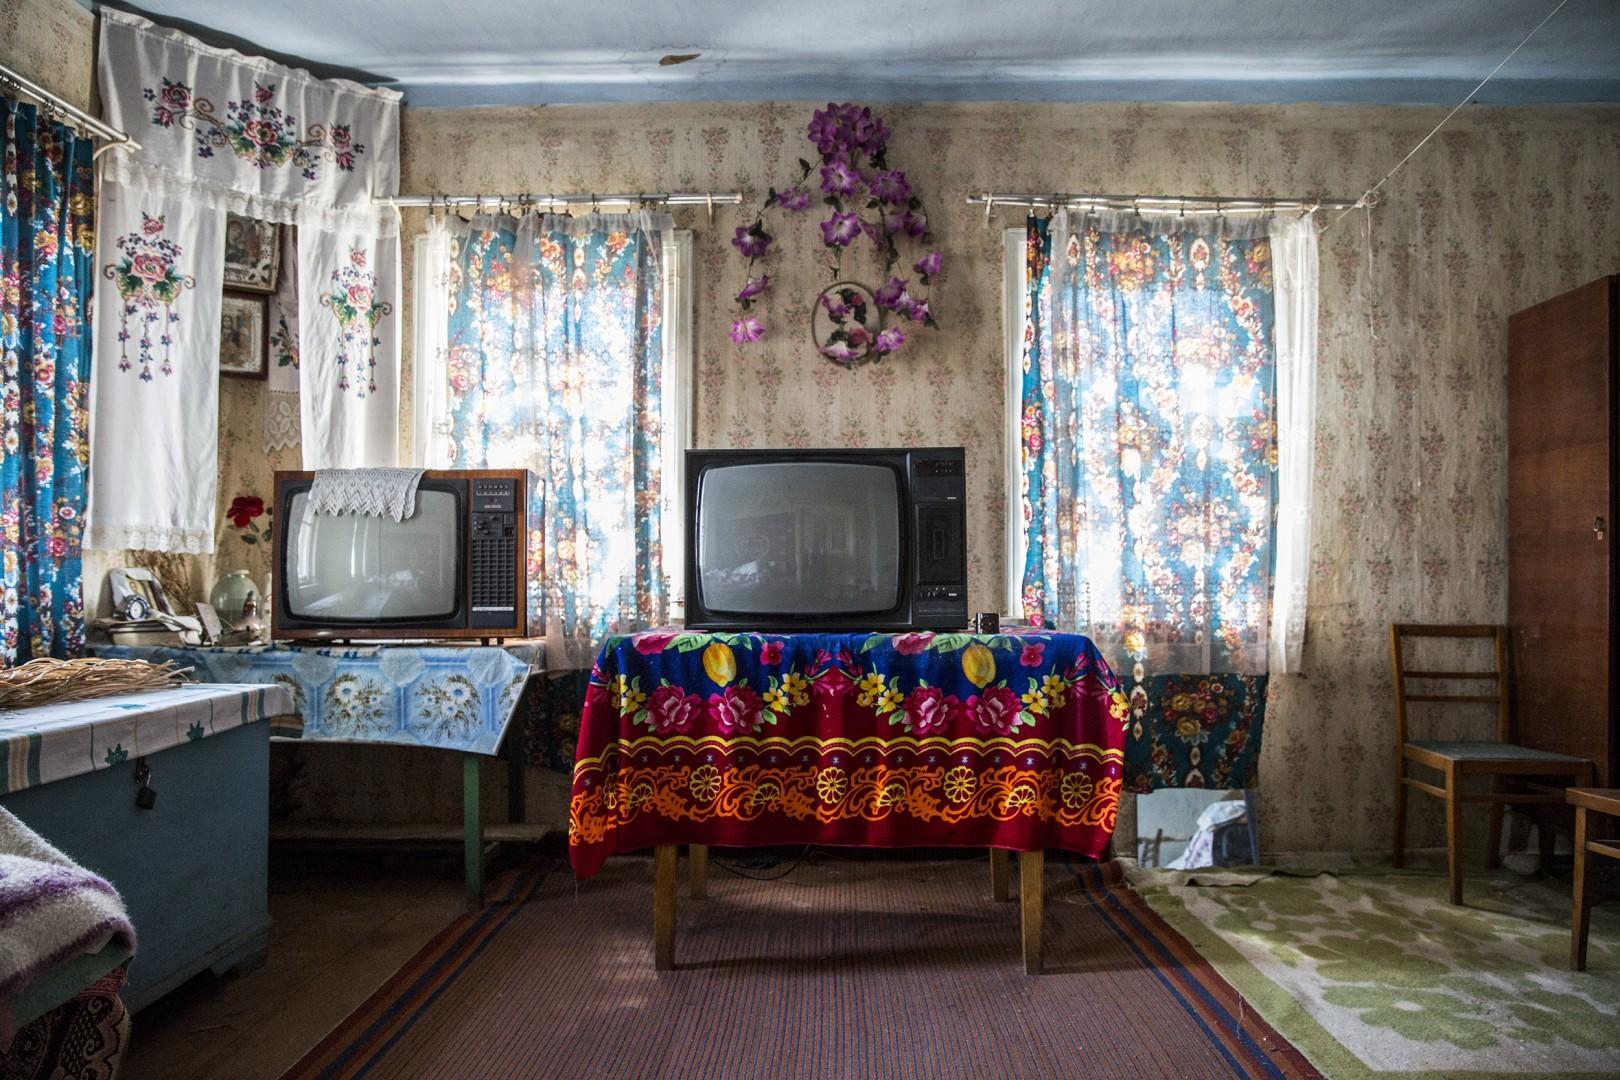 Chernobyl_resettlers_Rohr7